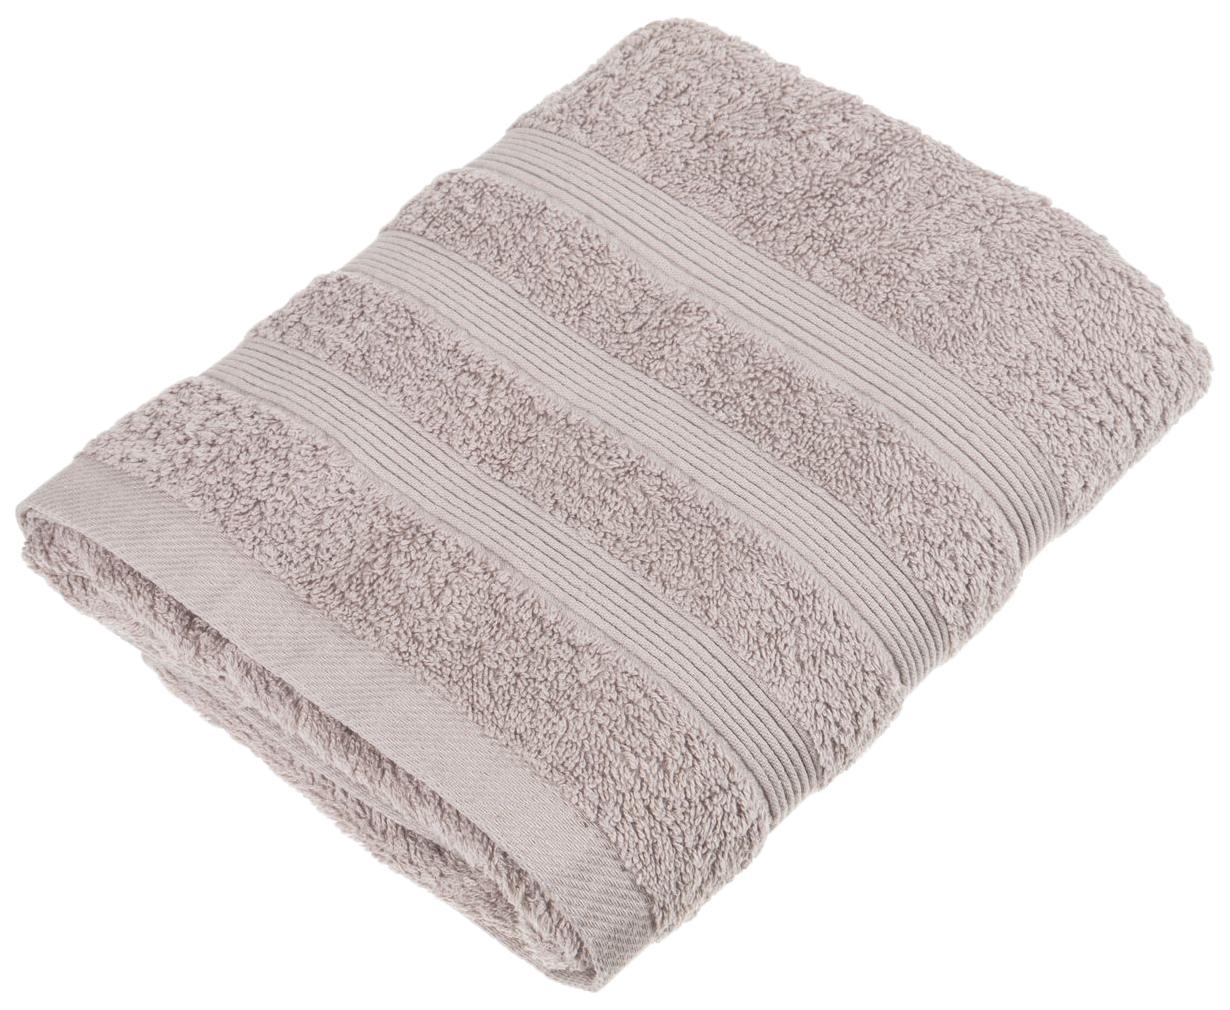 Банное полотенце, полотенце универсальное Santalino серый